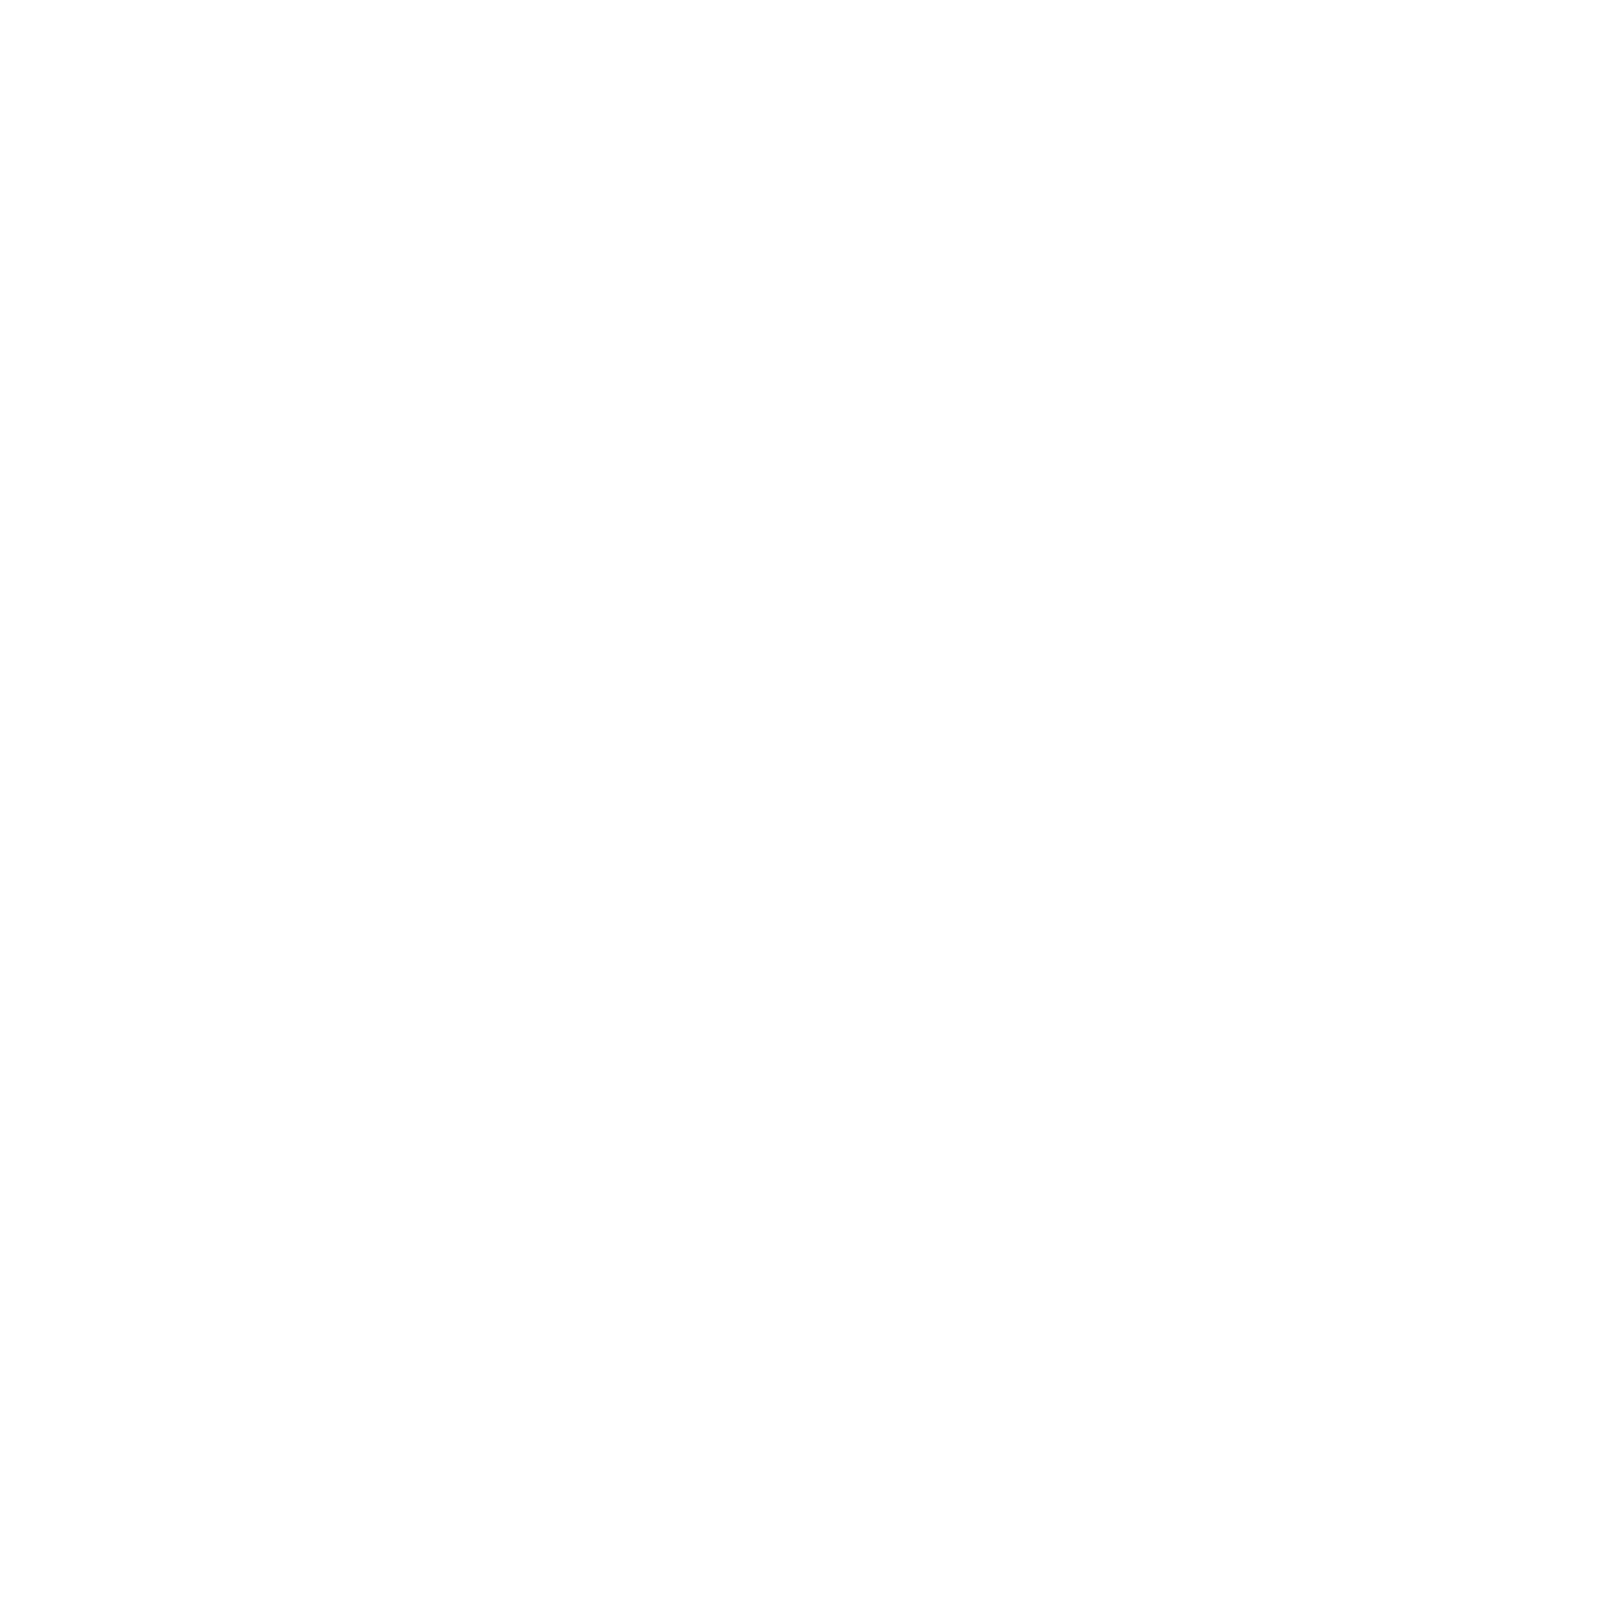 J&B-project-logo